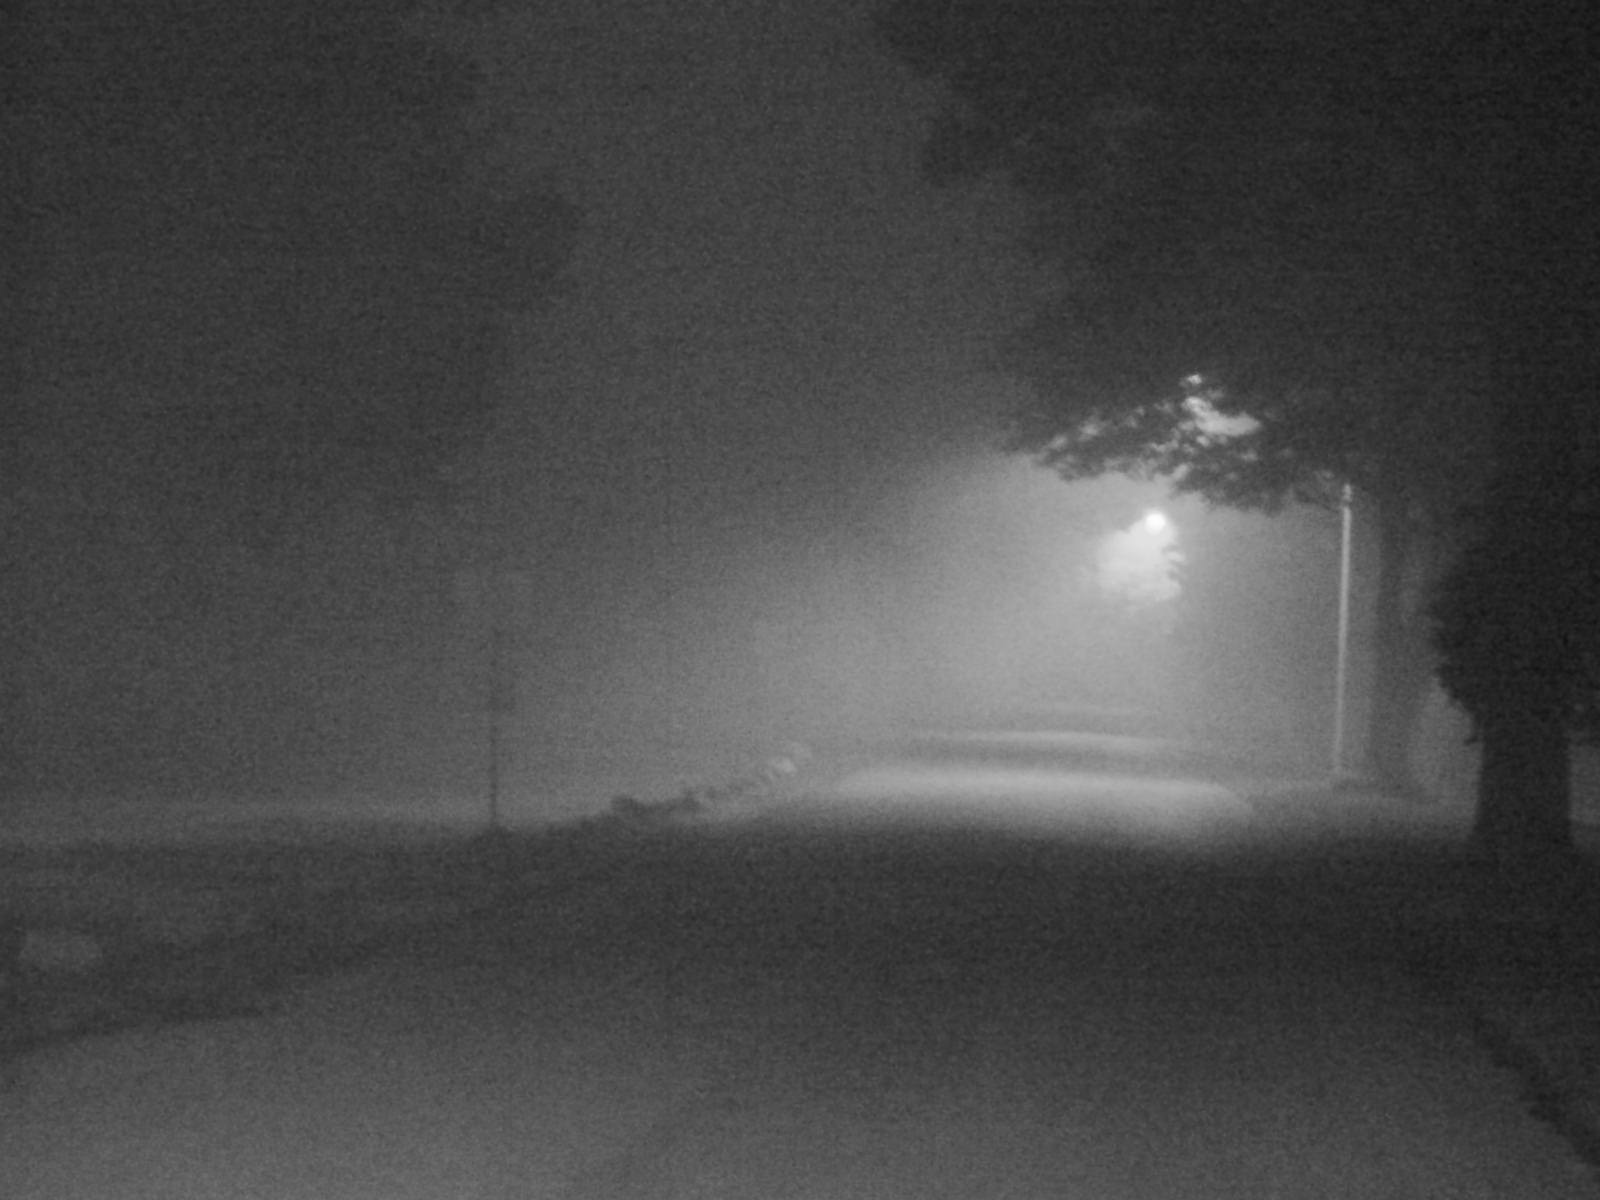 Résultats de recherche d'images pour «cold dark»